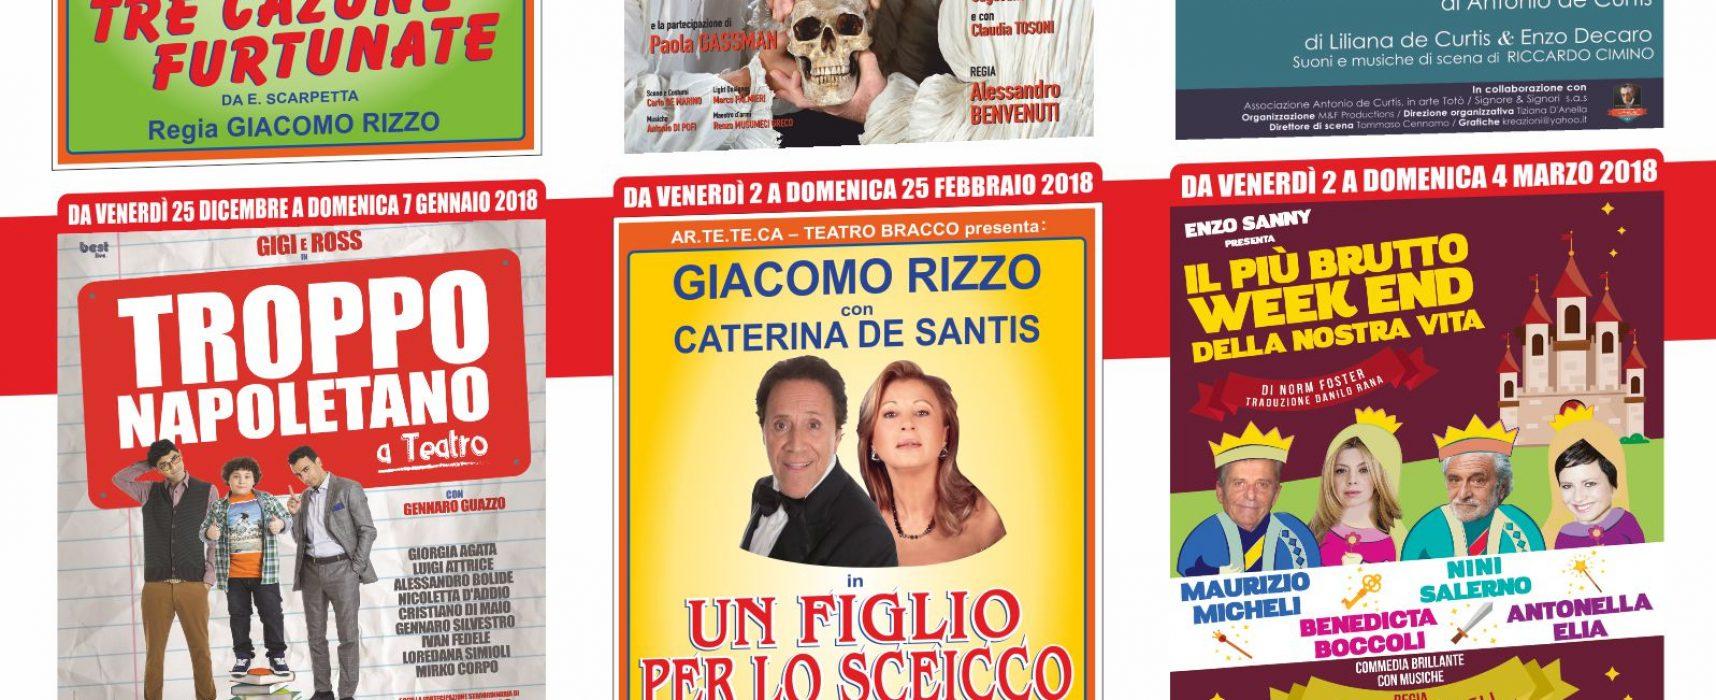 Teatro Bracco, tante le novità del cartellone 2017-2018